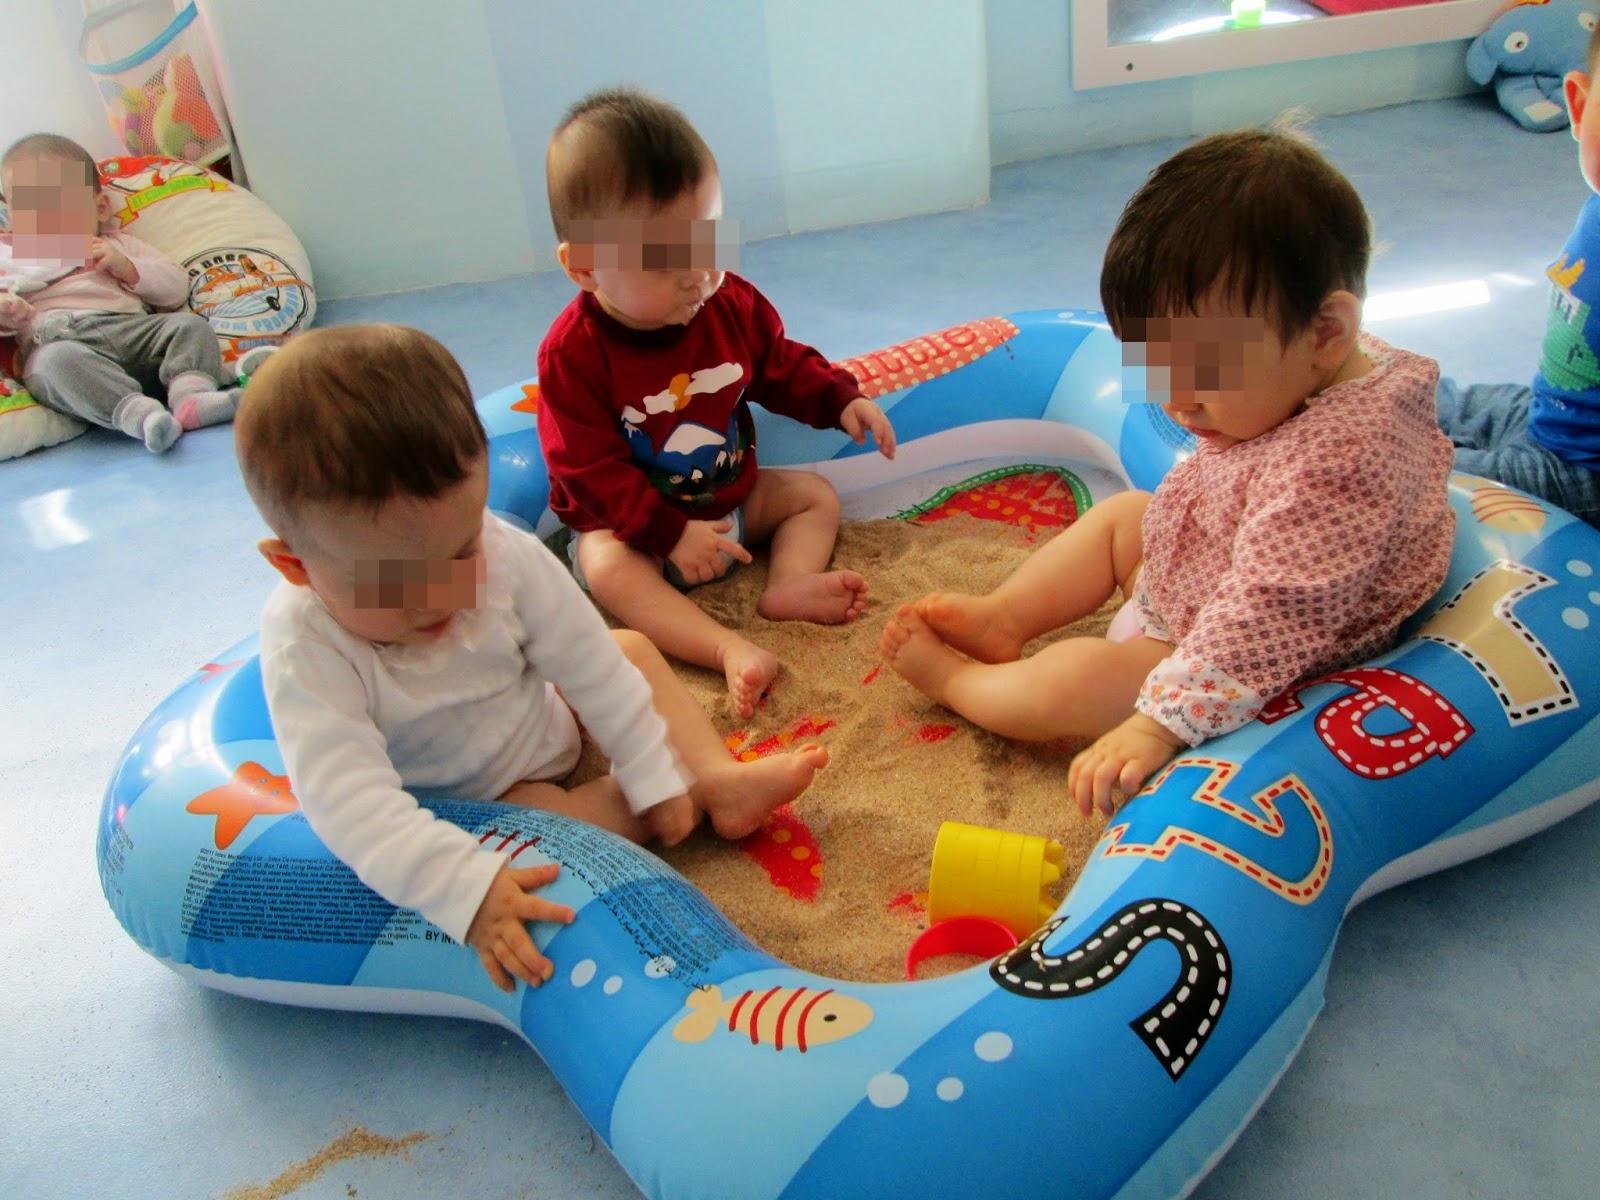 Sala dos beb s brincar com a areia for Piscina pequena bebe